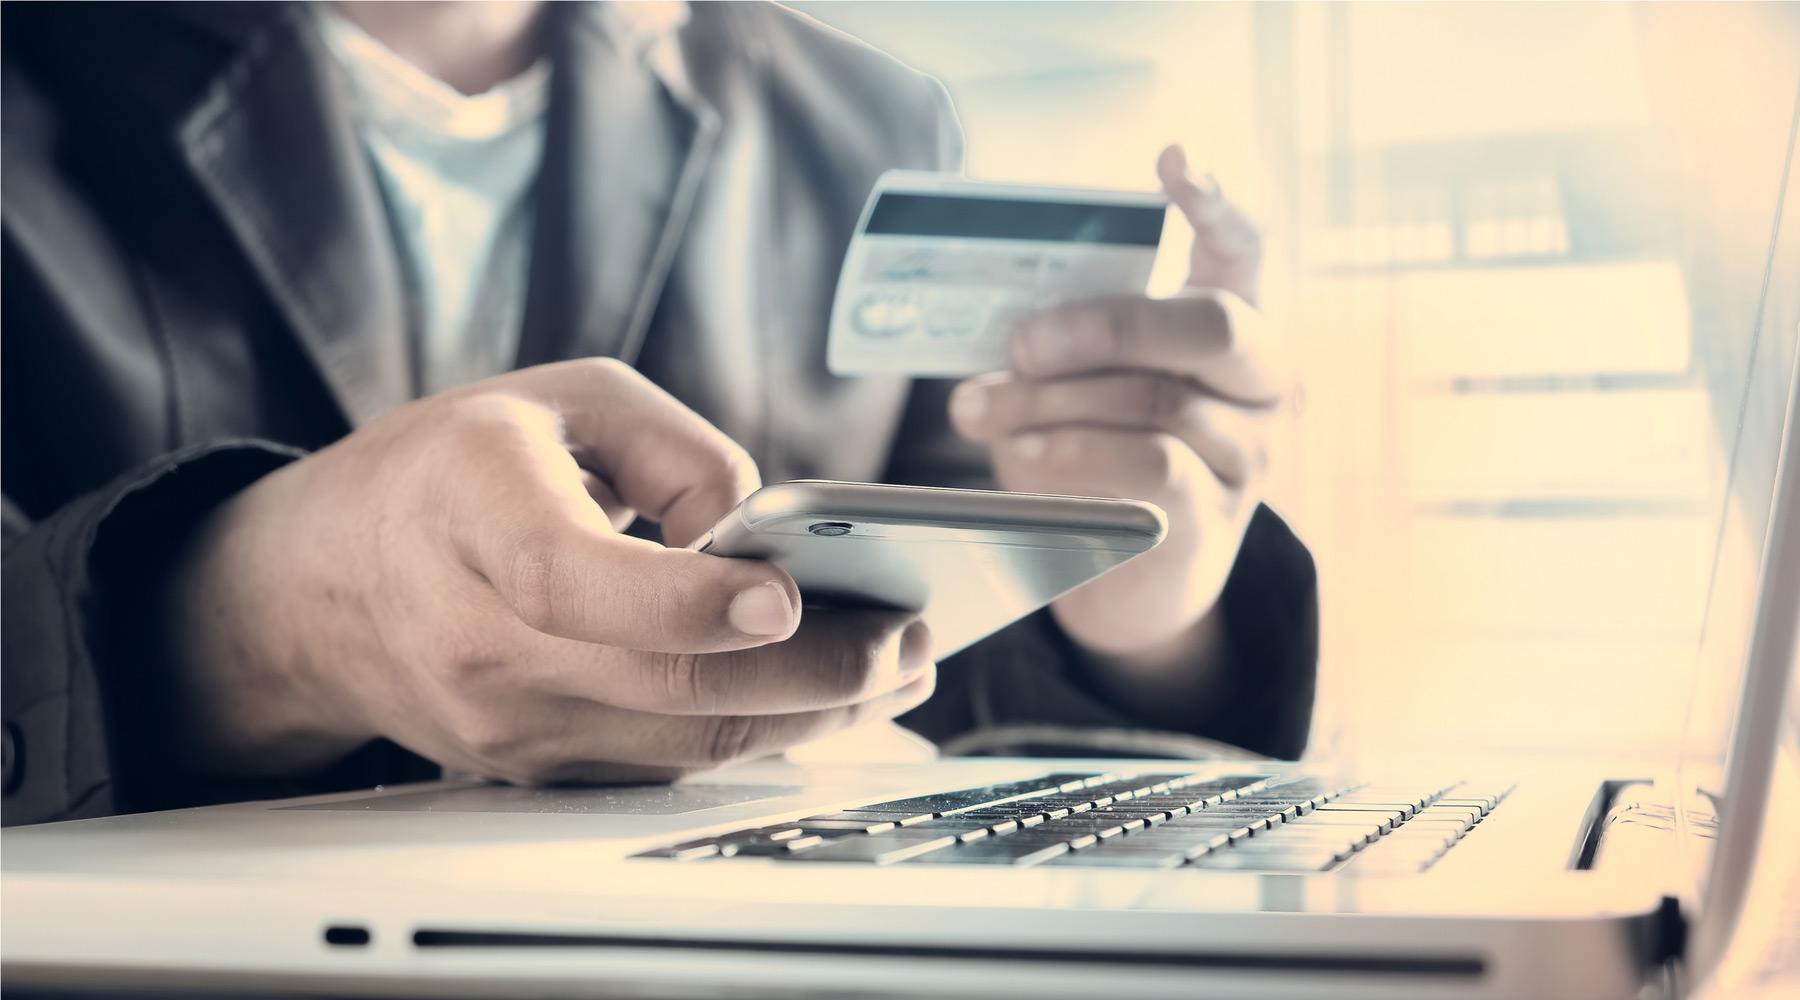 Steps to Prevent Identity Fraud